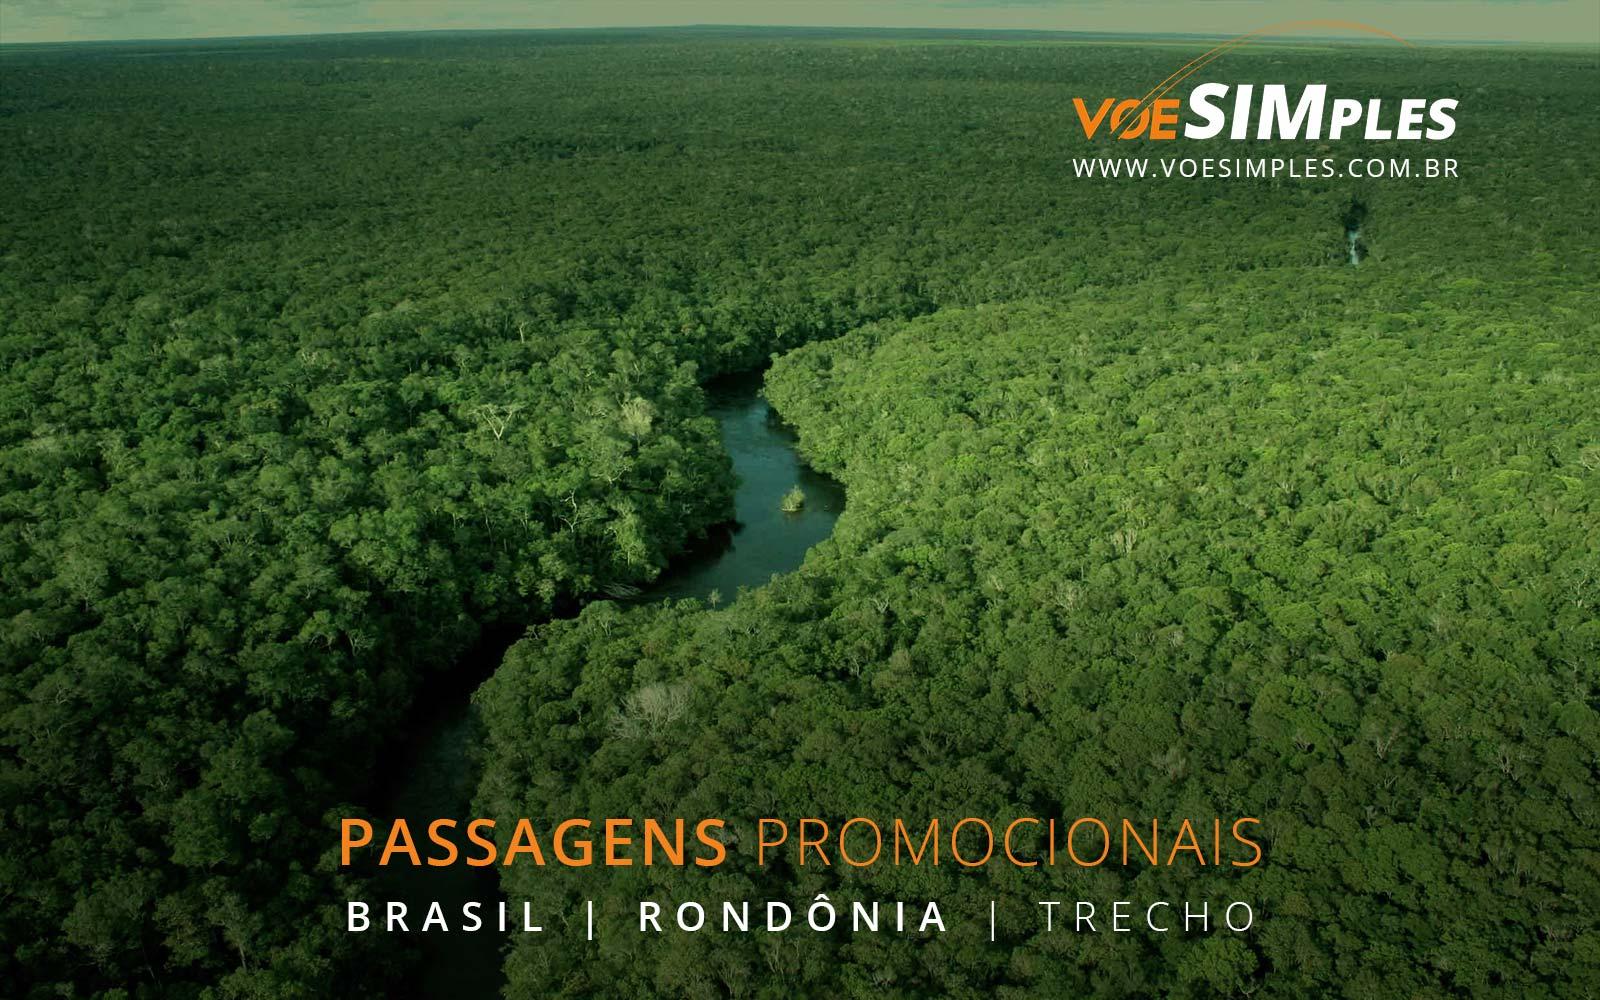 Passagens aéreas baratas para Porto Velho em Rondônia